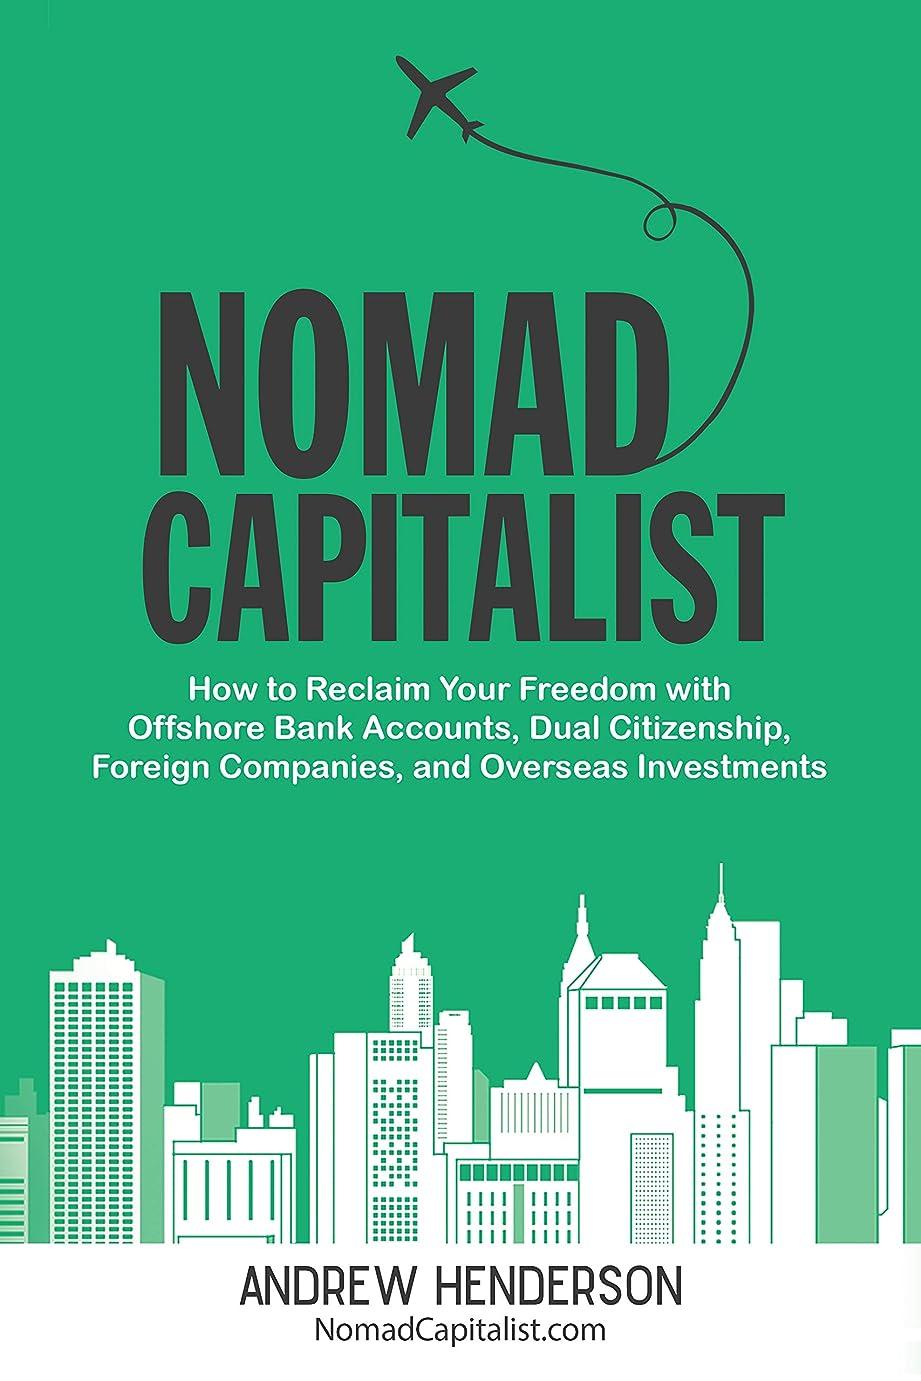 火薬まろやかな式Nomad Capitalist: How to Reclaim Your Freedom with Offshore Bank Accounts, Dual Citizenship, Foreign Companies, and Overseas Investments (English Edition)